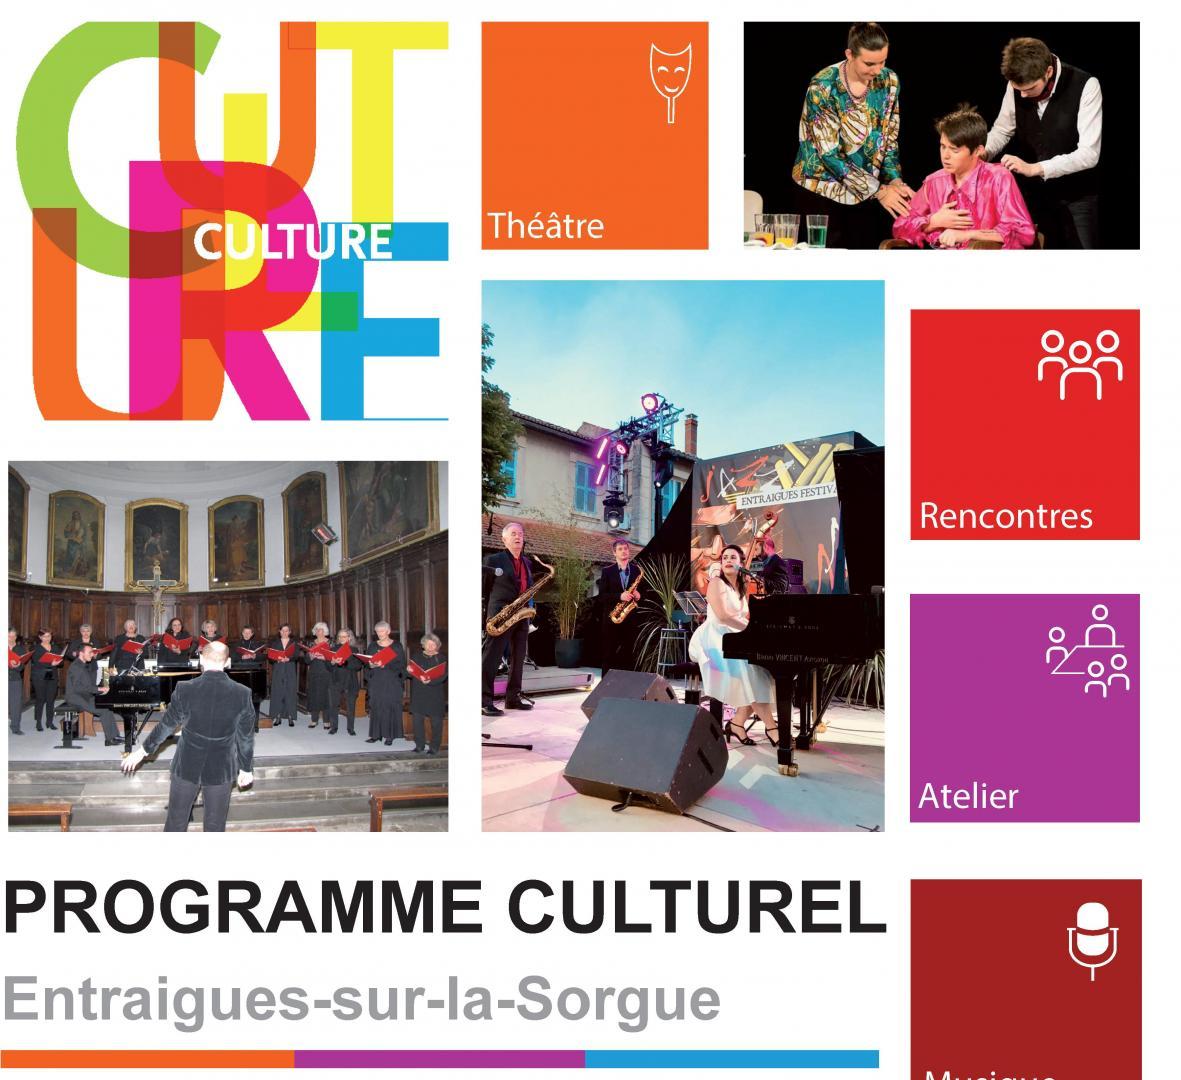 L'agenda culturel 2019 est disponible !